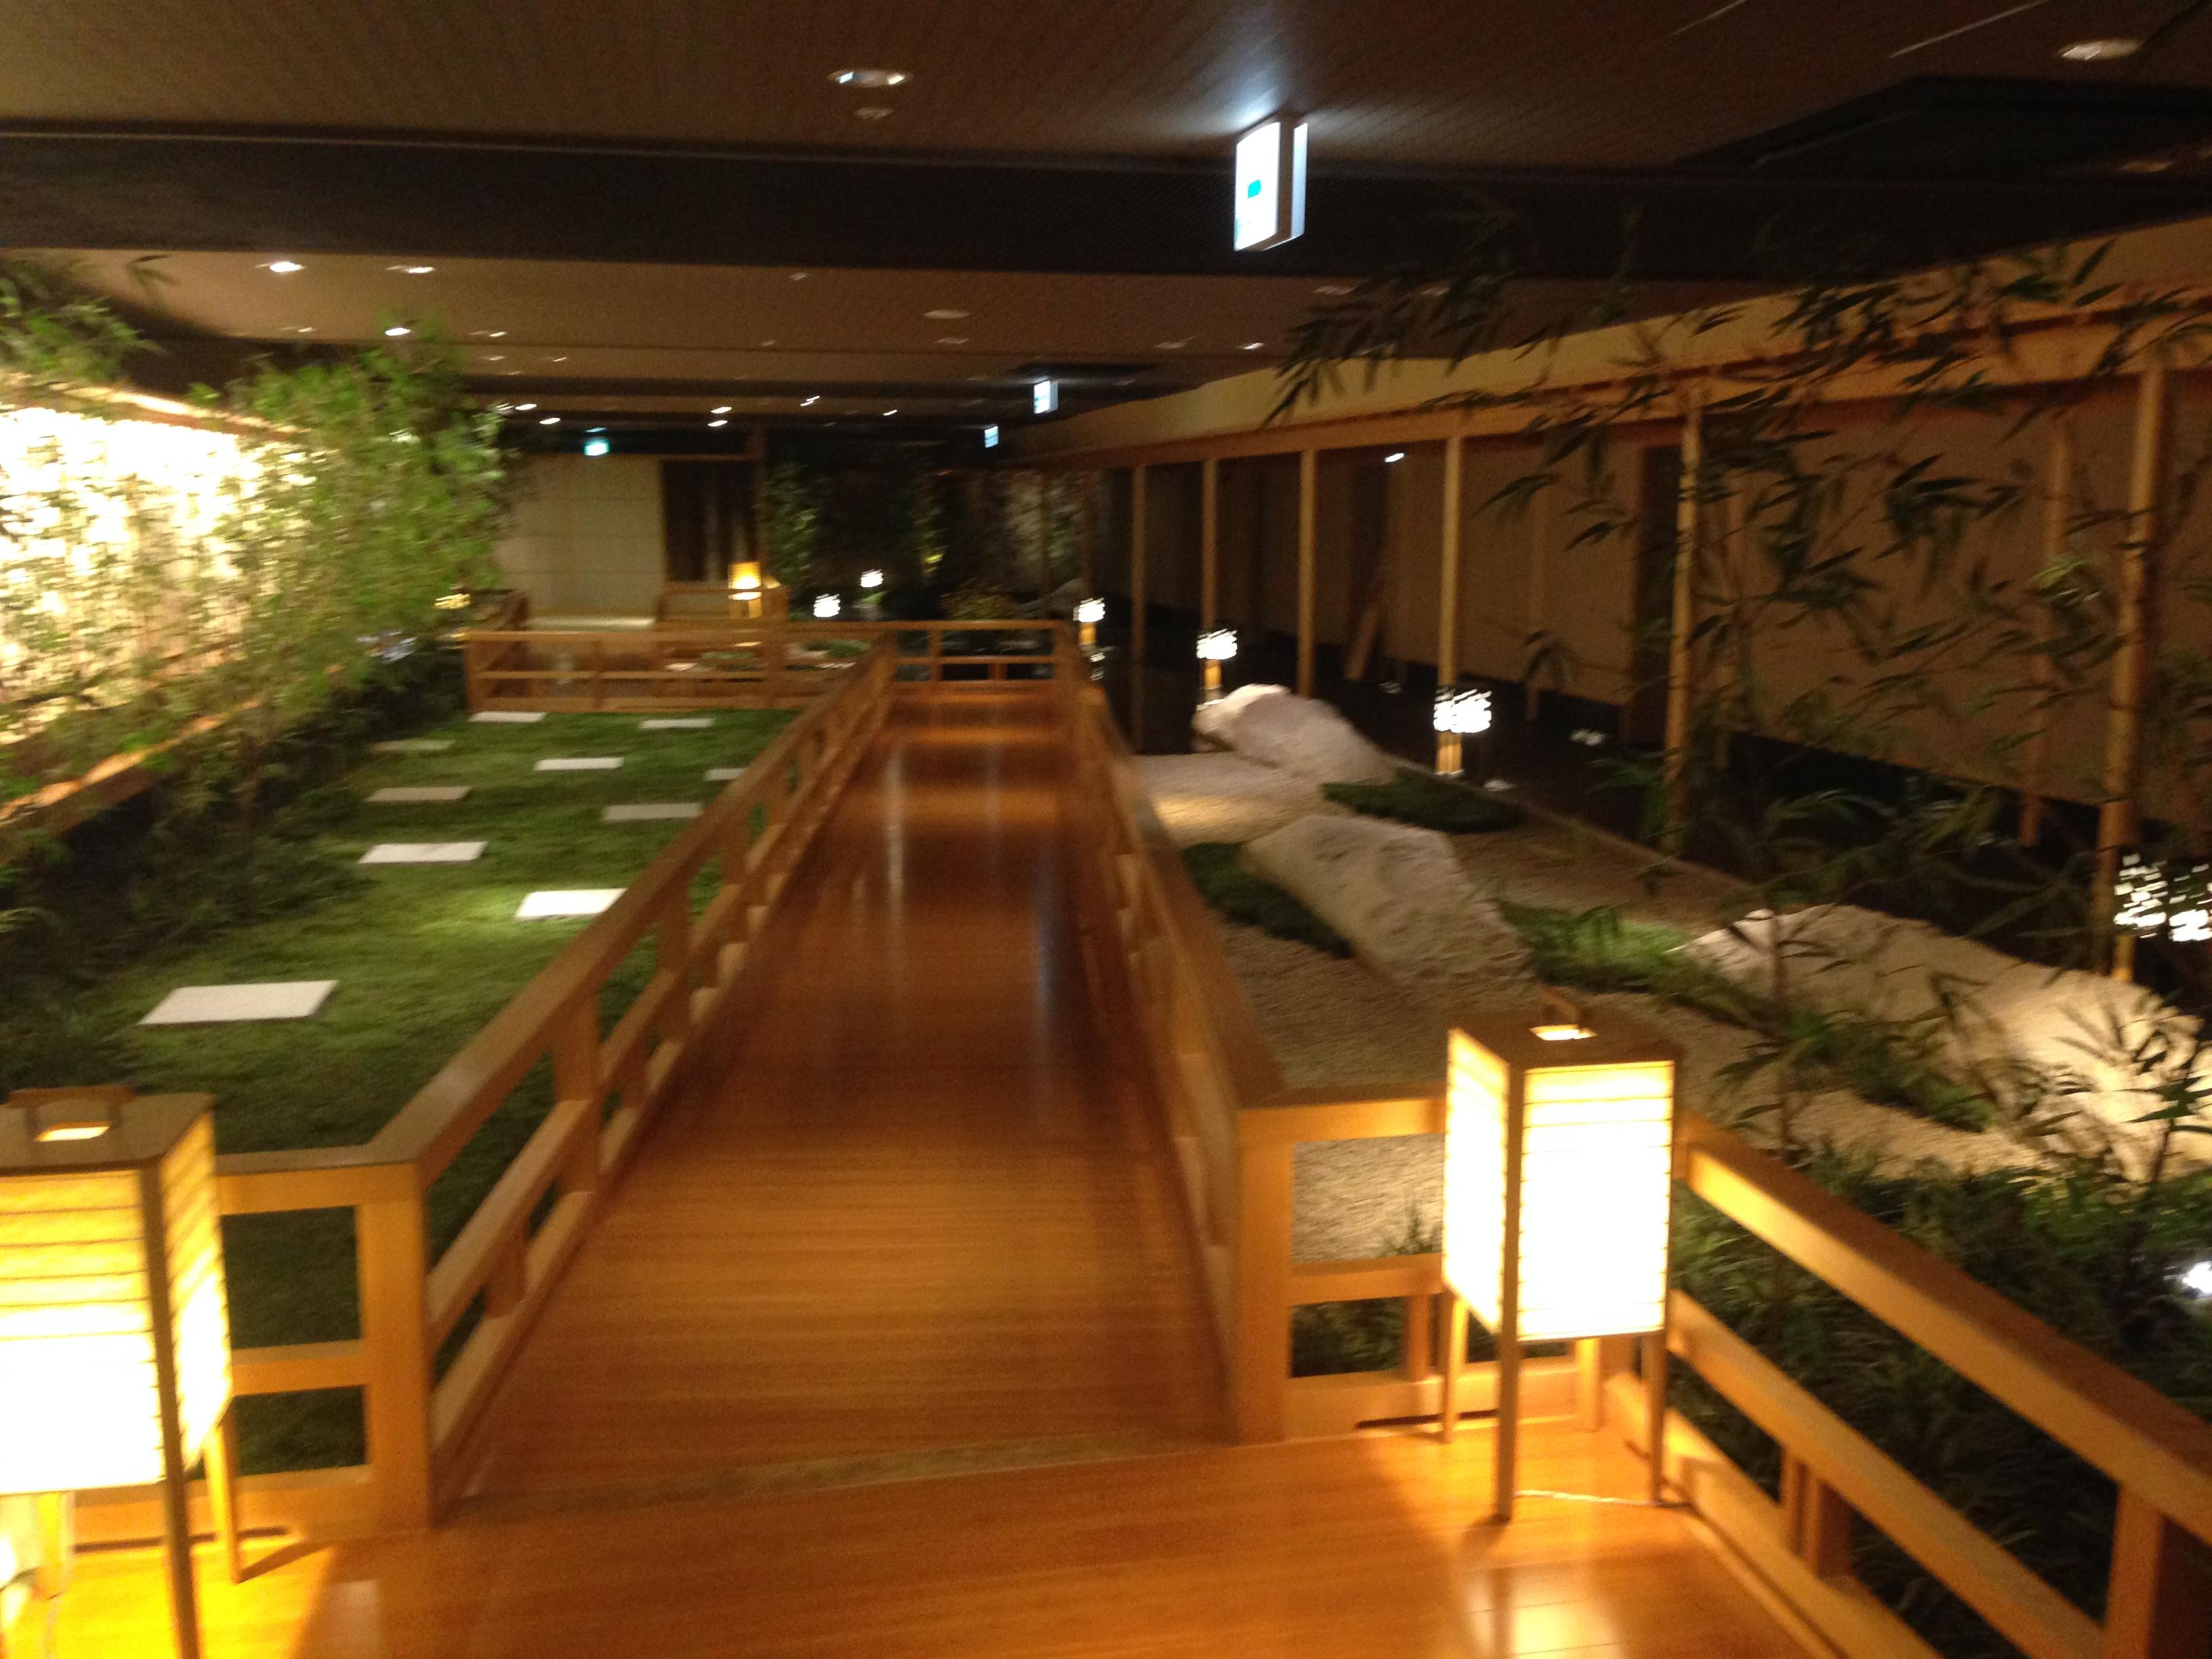 鬼怒川に子連れでいくならホテル三日月で決まり!駅から近く楽しい!